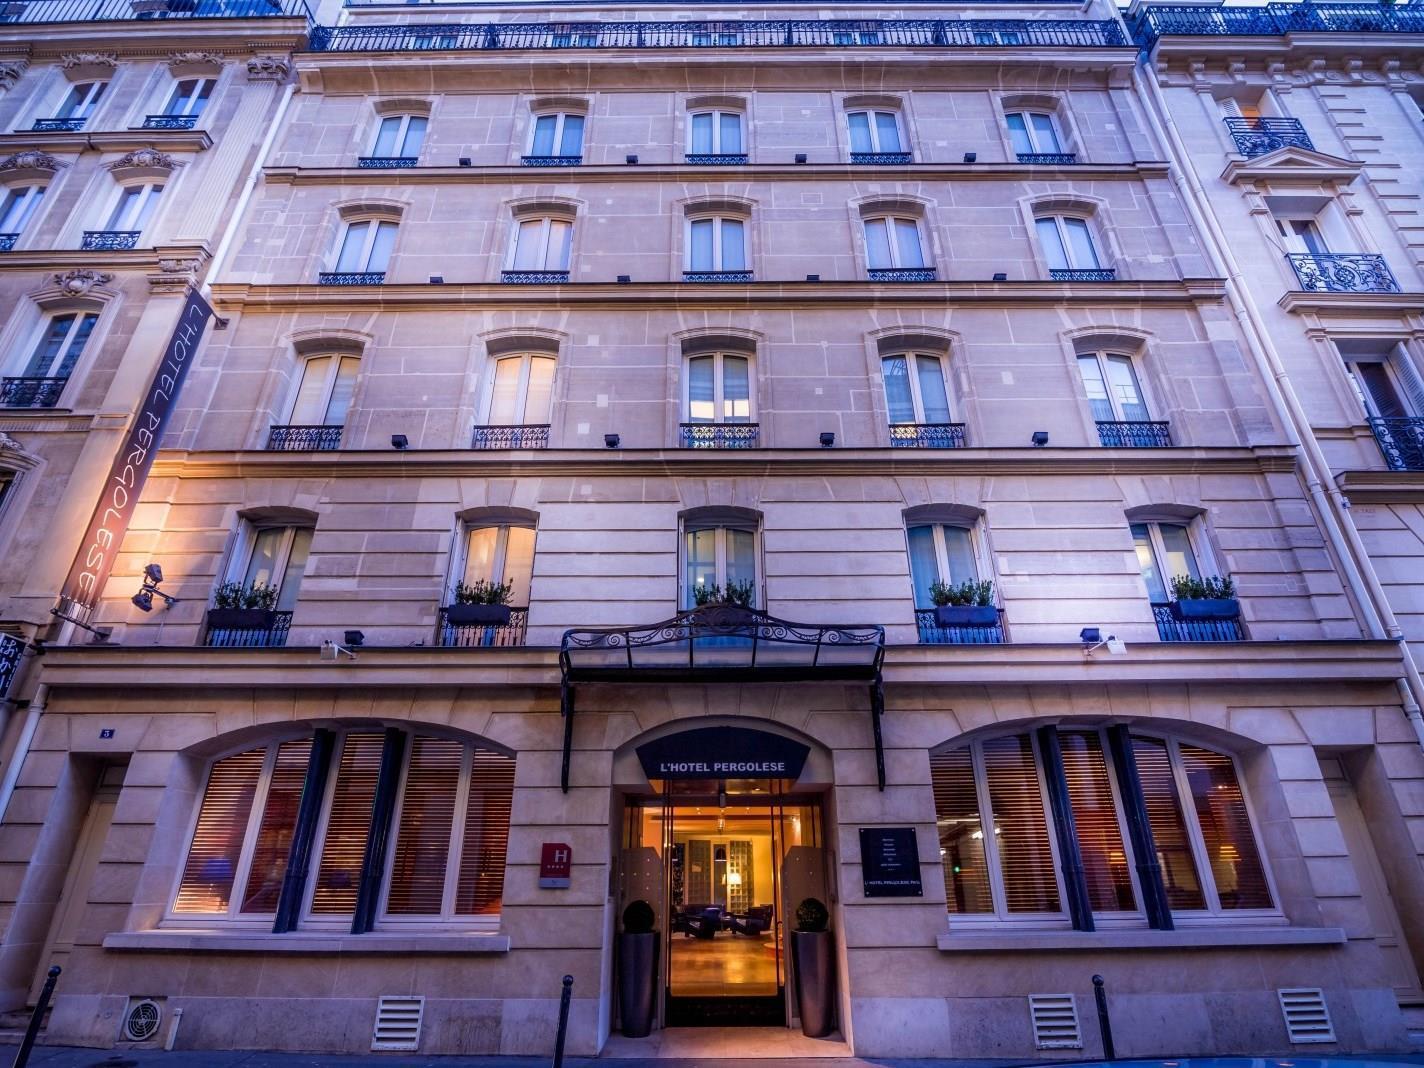 L'Hotel Pergolese